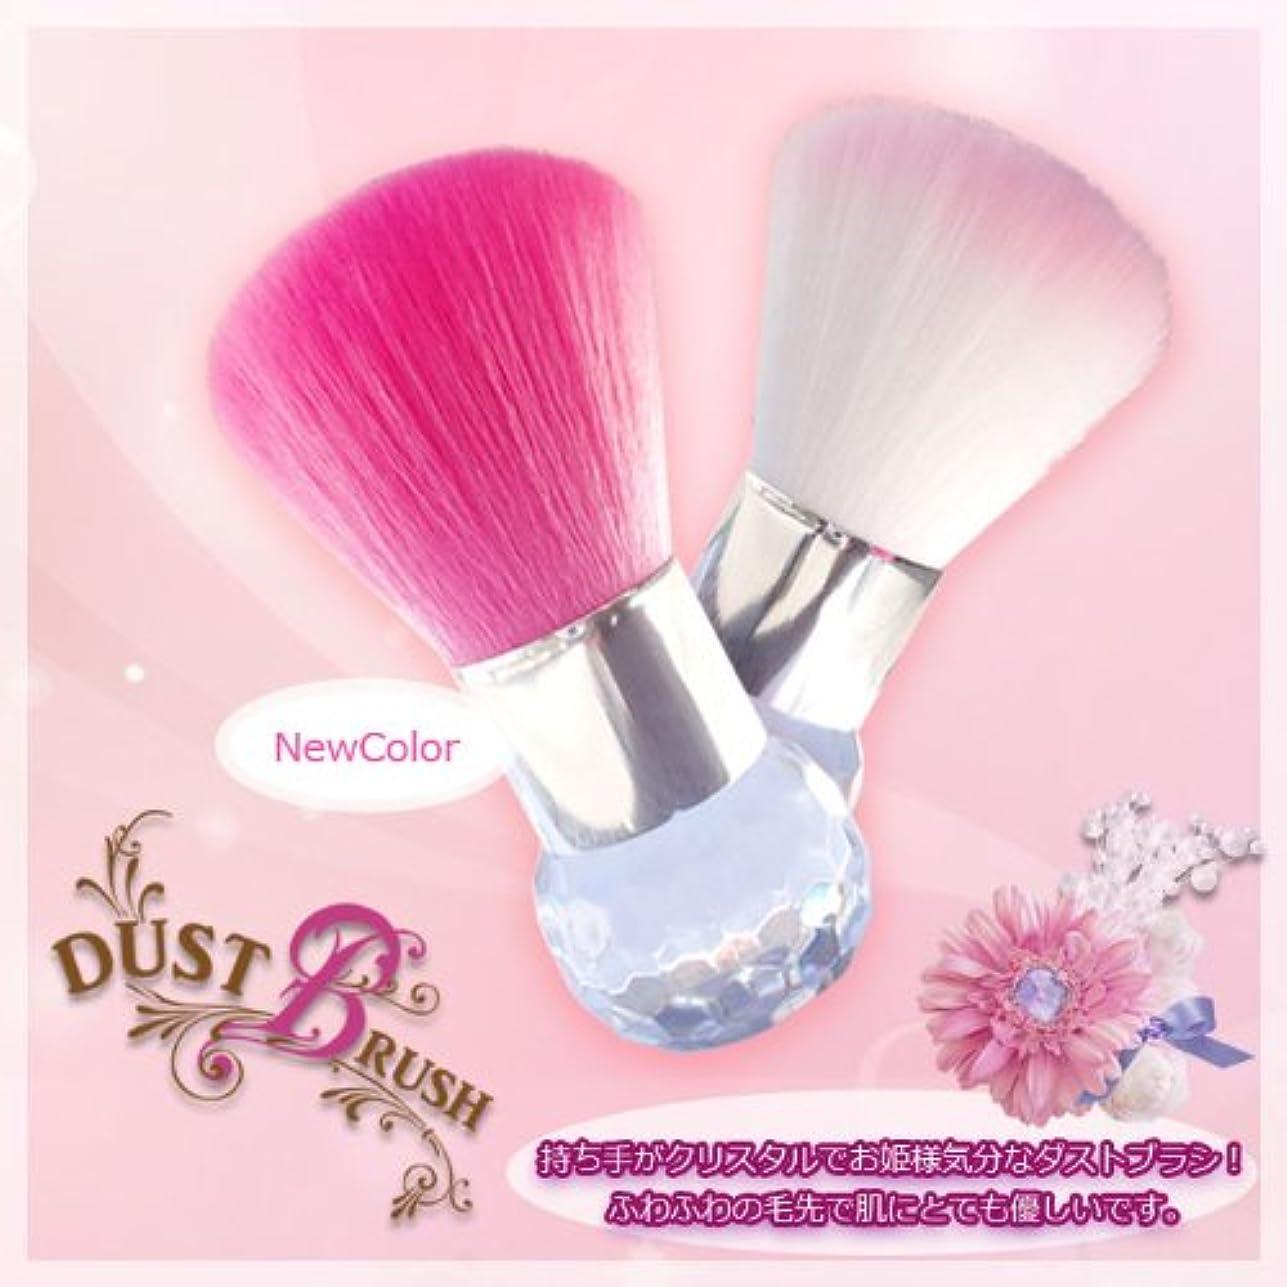 義務ブートマトリックス【ジェルネイル】ネイルダストブラシ〈 微粒子ナイロン製 〉2カラー (ホワイトピンク)